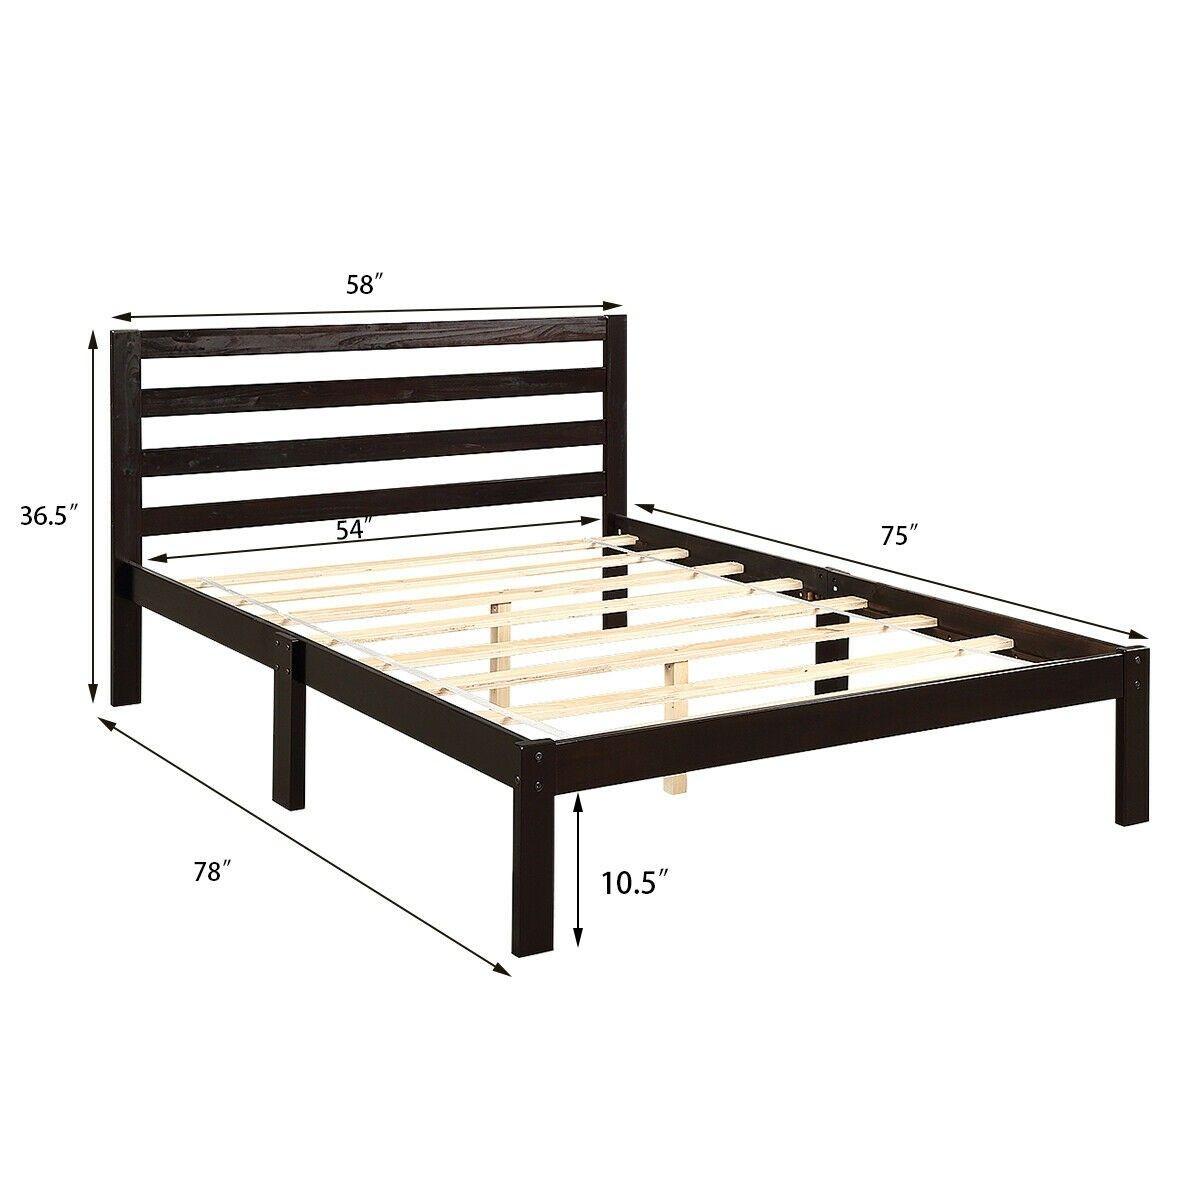 Platform Bed Full Size Bed Frame Wood Slat Support Wood Bed